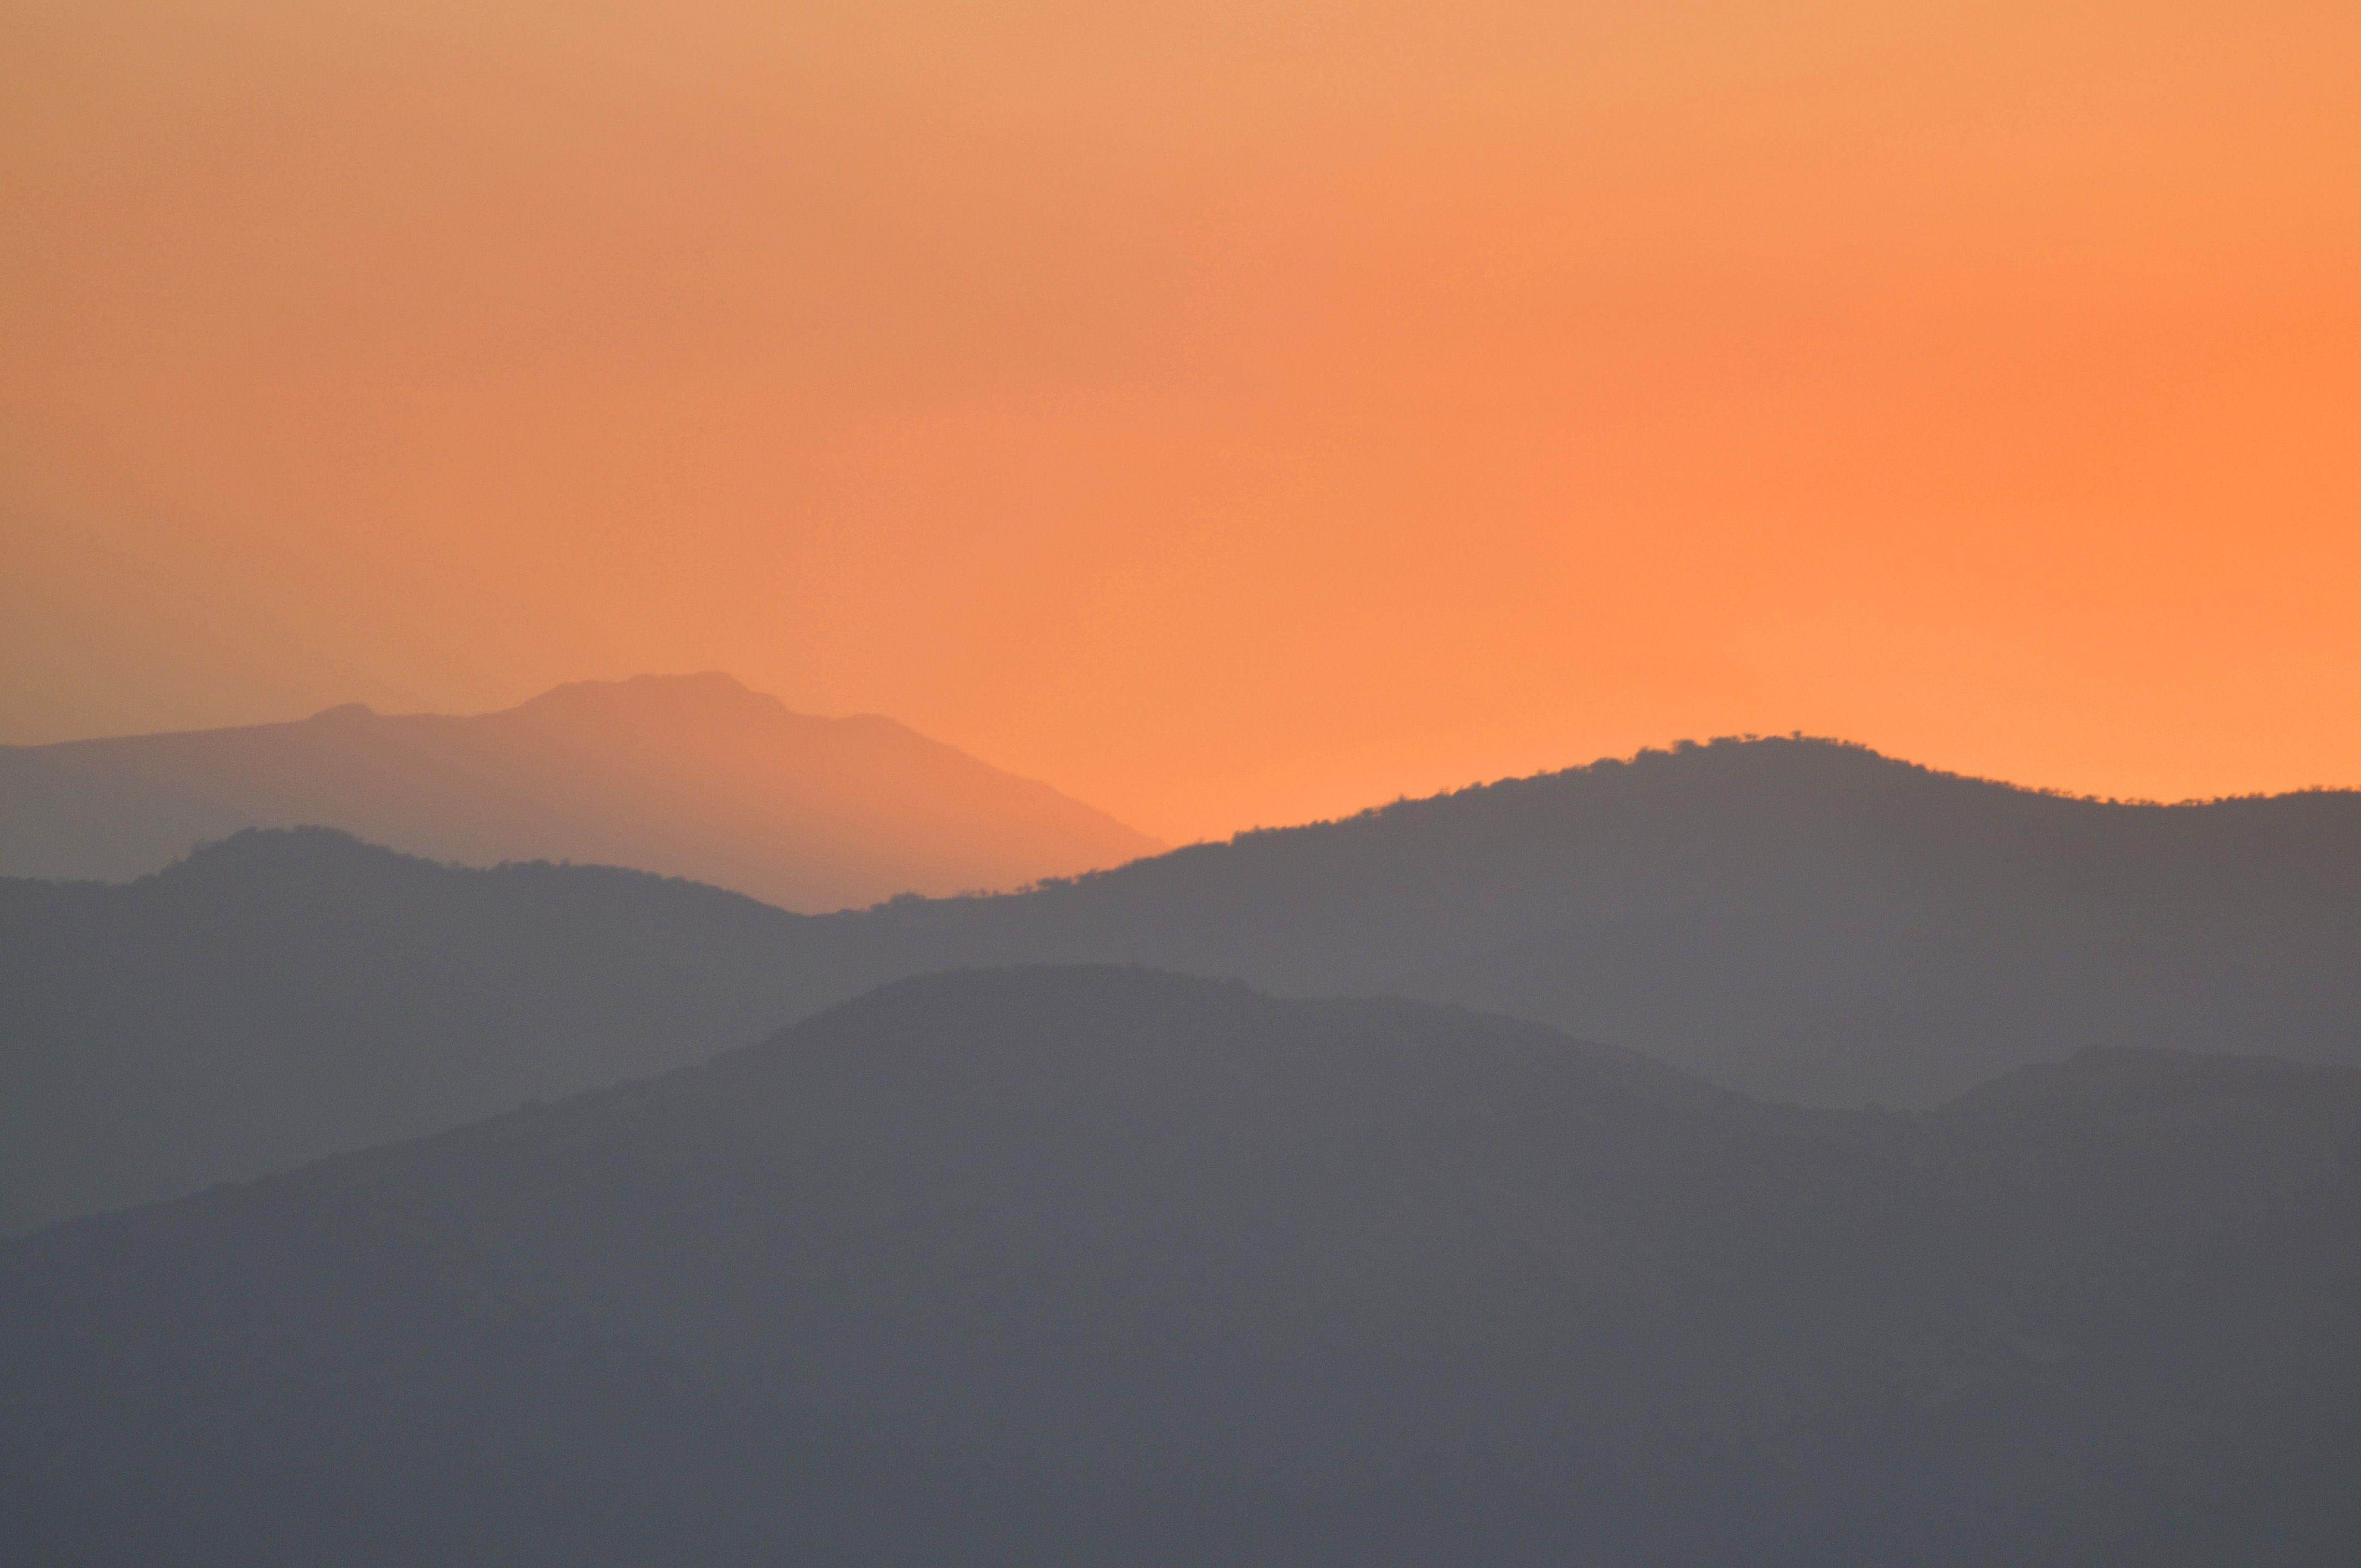 después de la puesta de sol...2013.